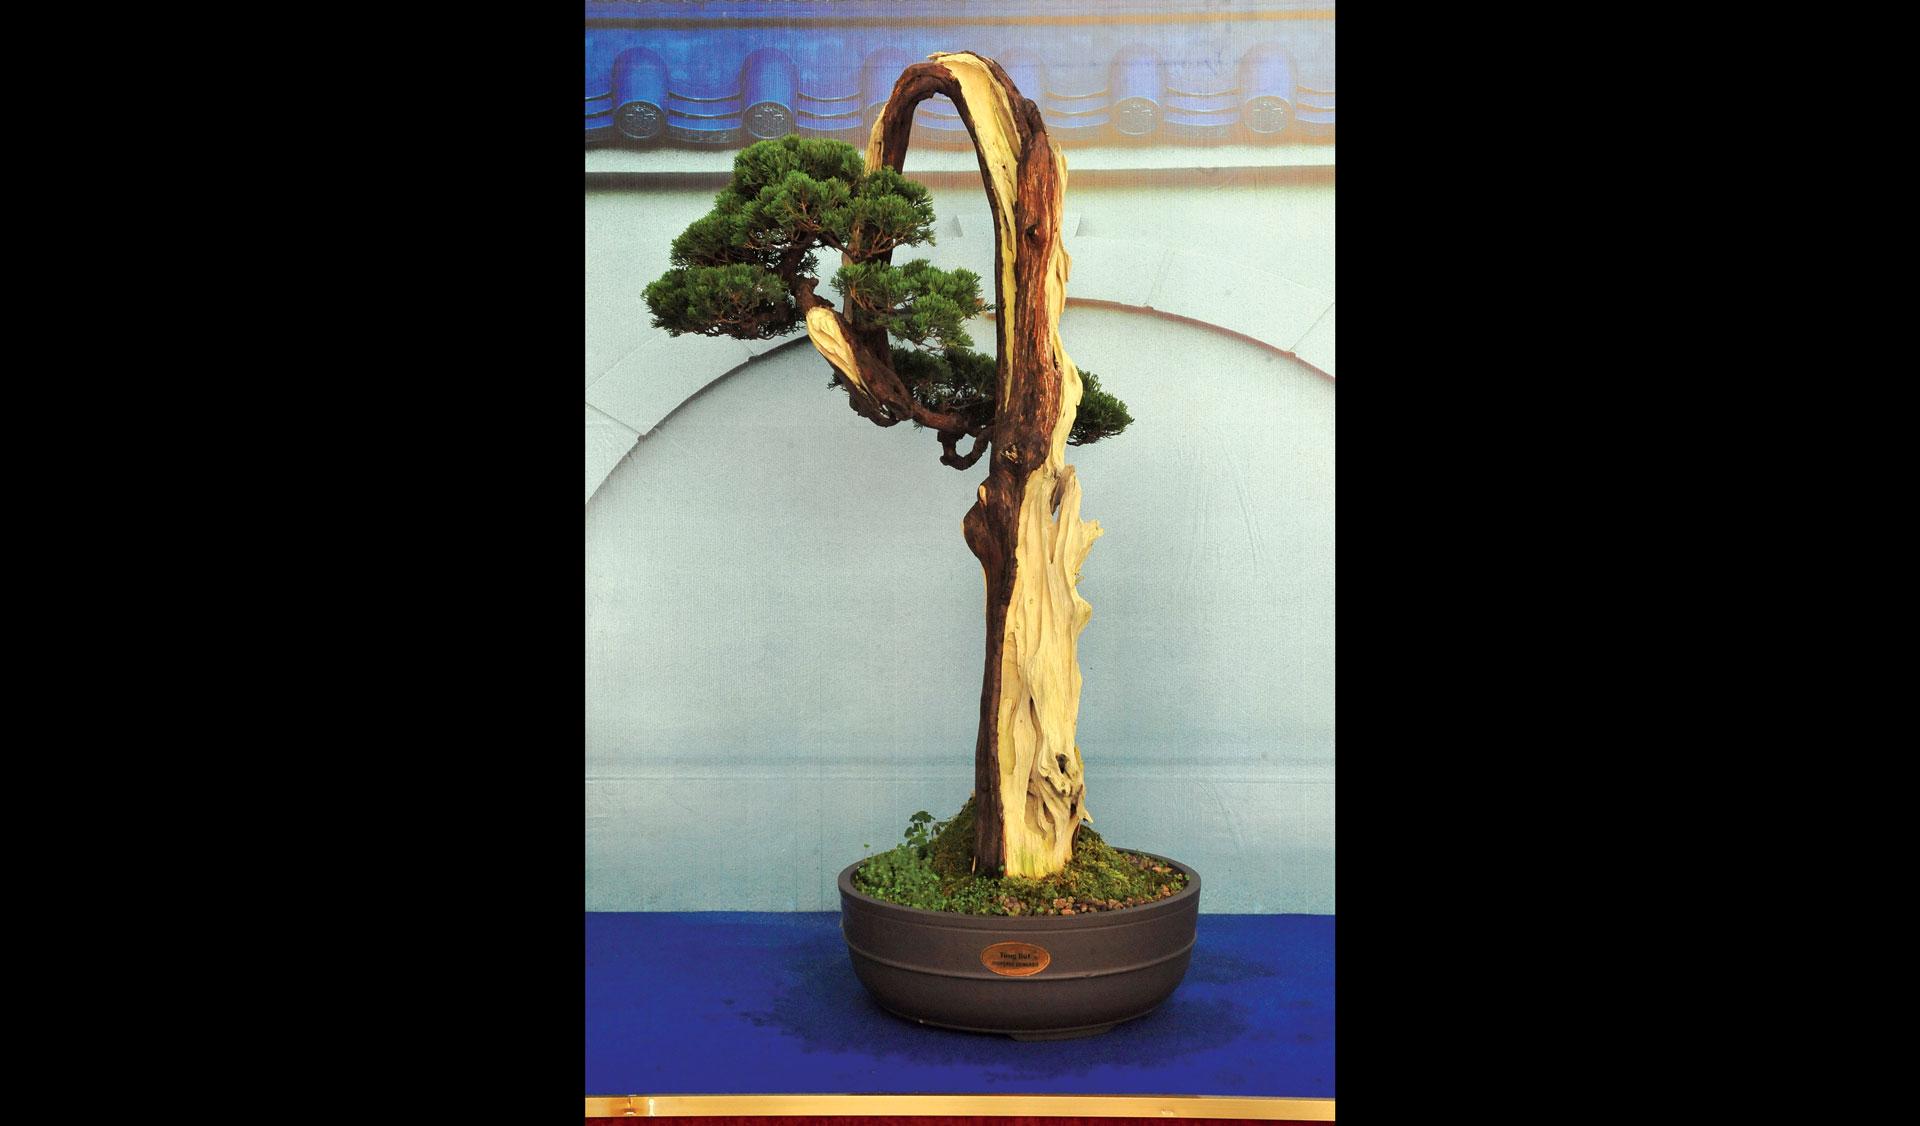 Nghệ thuật bonsai thú chơi tao nhã ảnh 4